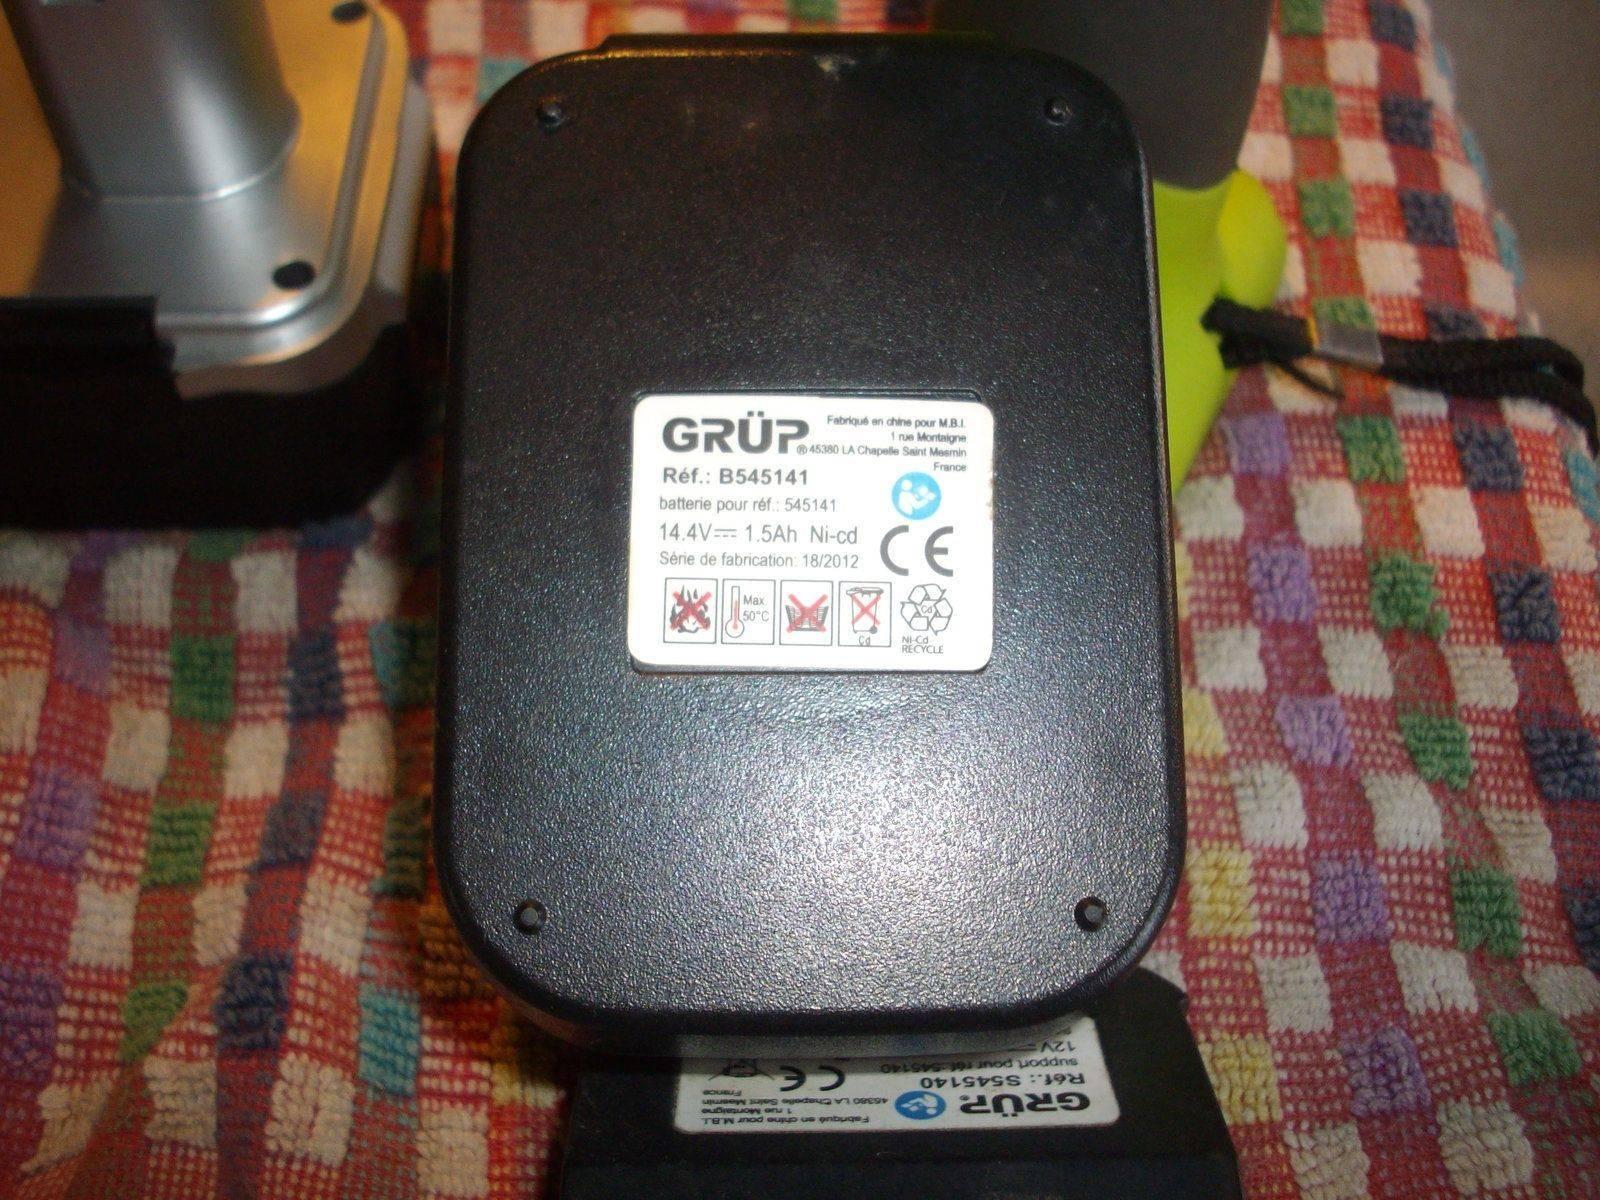 IMGP6498.JPG